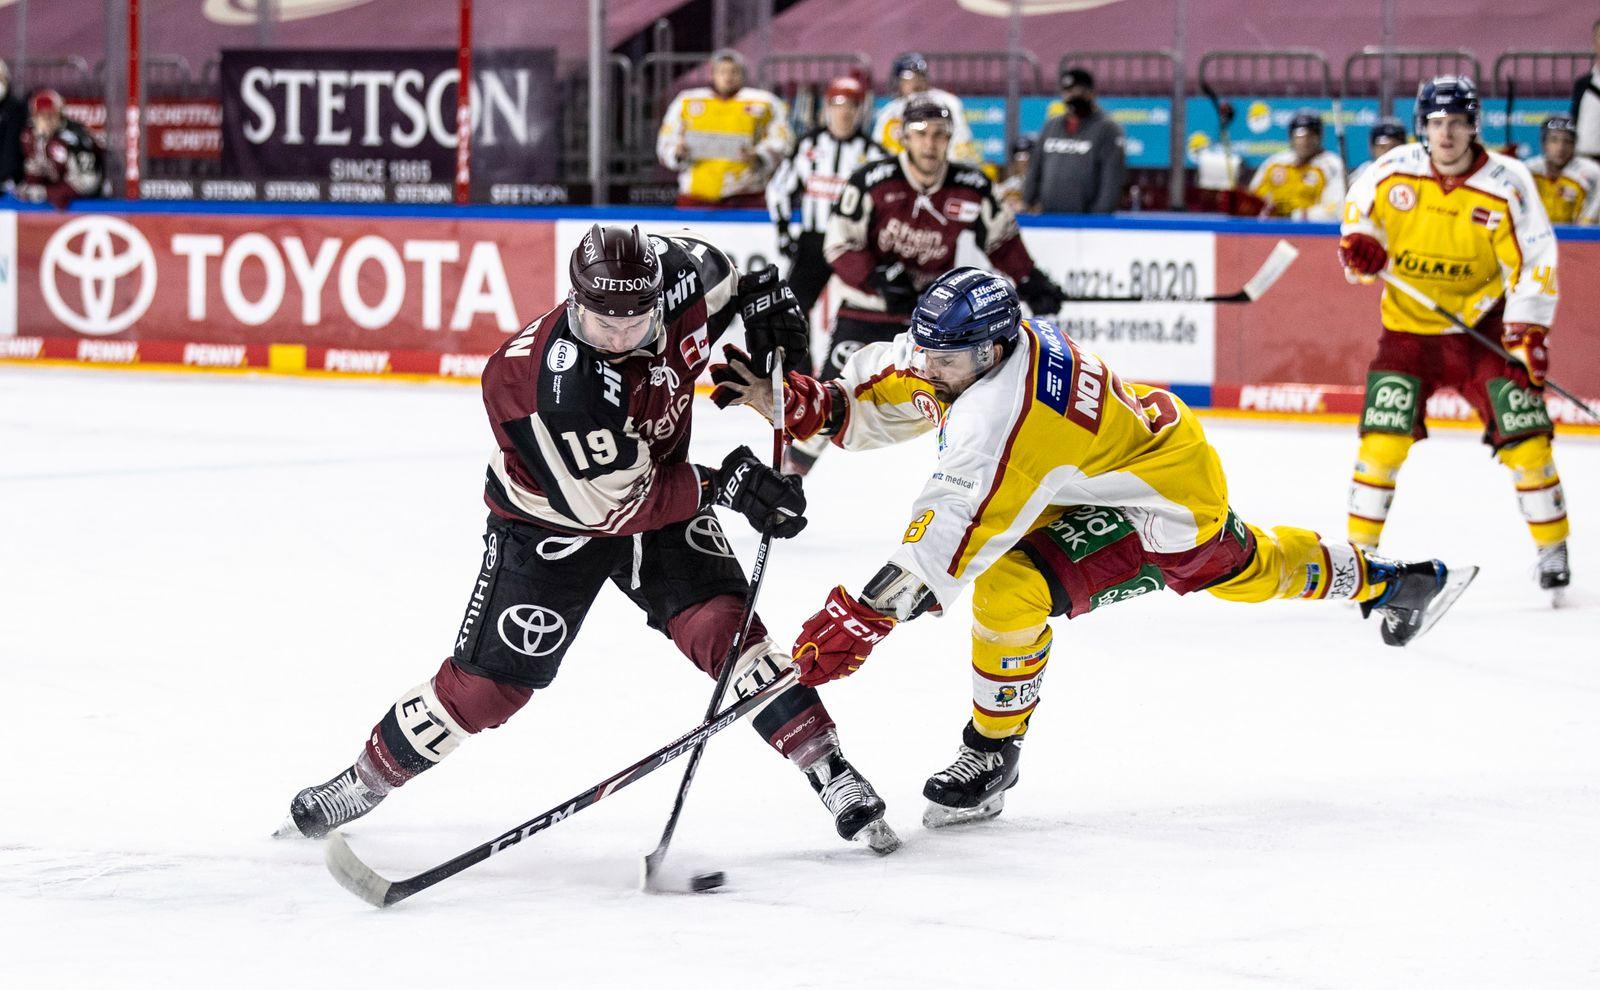 Koelner Haie v DEG - Deutsche Eishockey Liga